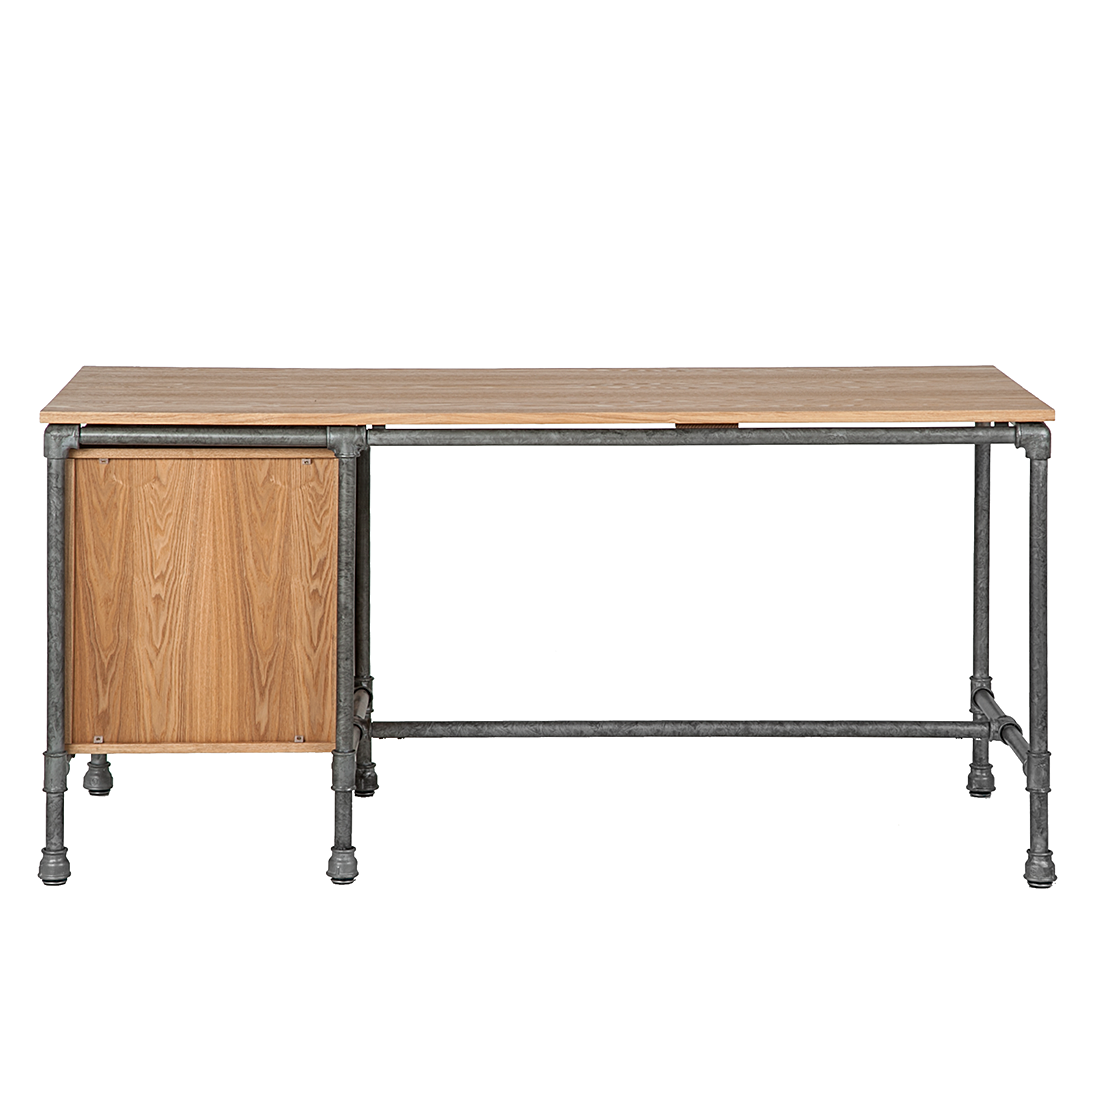 schreibtisch container eiche holz stahl antik computertisch b ro tisch neu. Black Bedroom Furniture Sets. Home Design Ideas